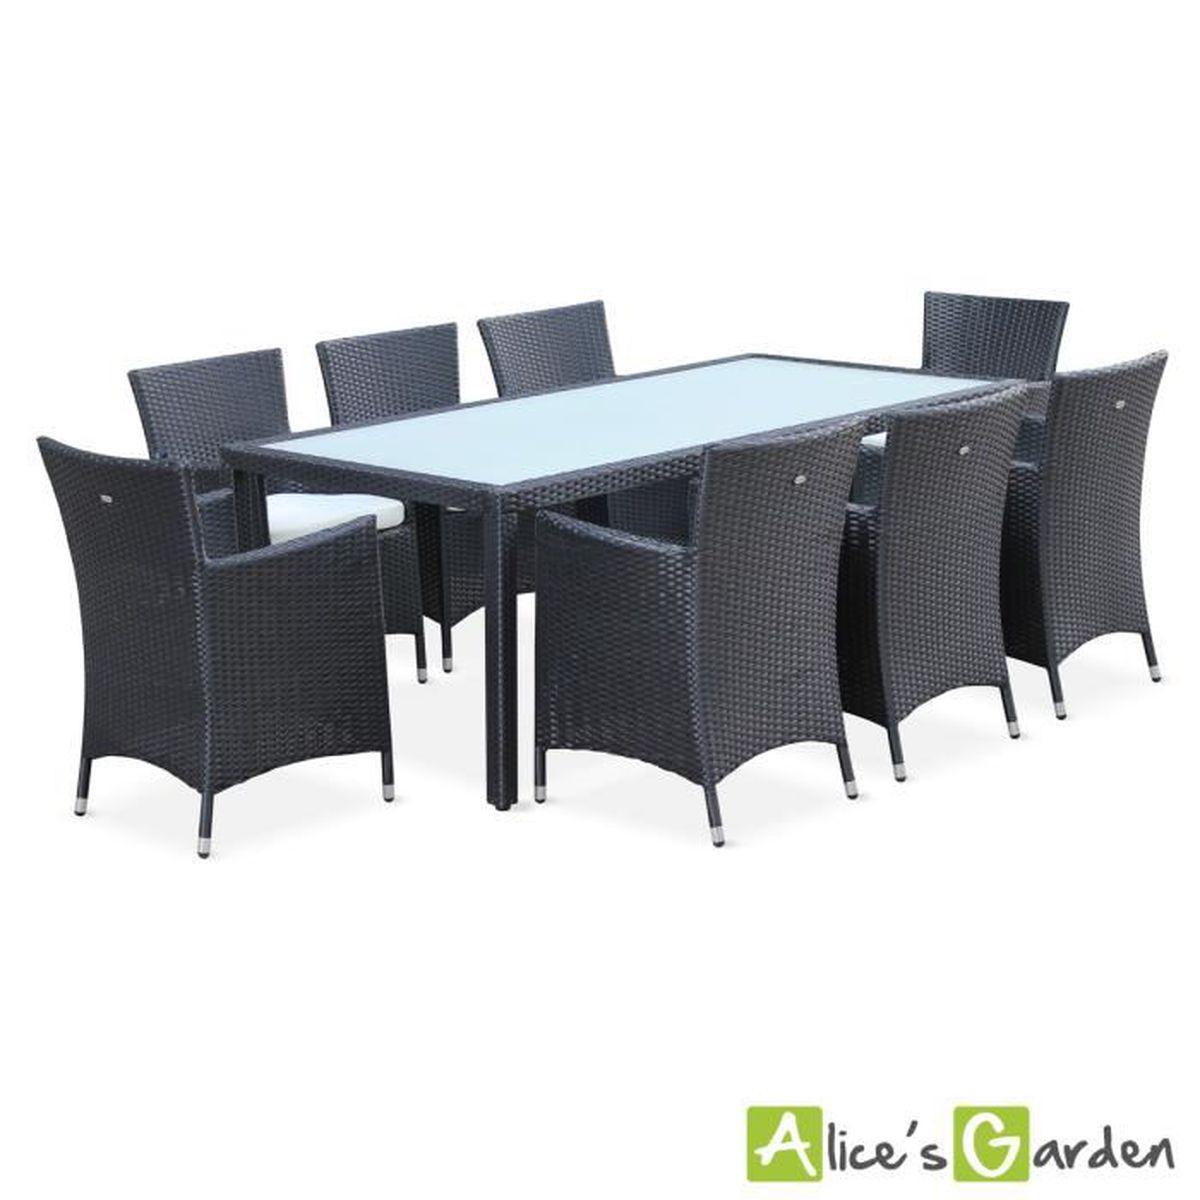 Capri - table de jardin résine tressée 8 places - Achat ...